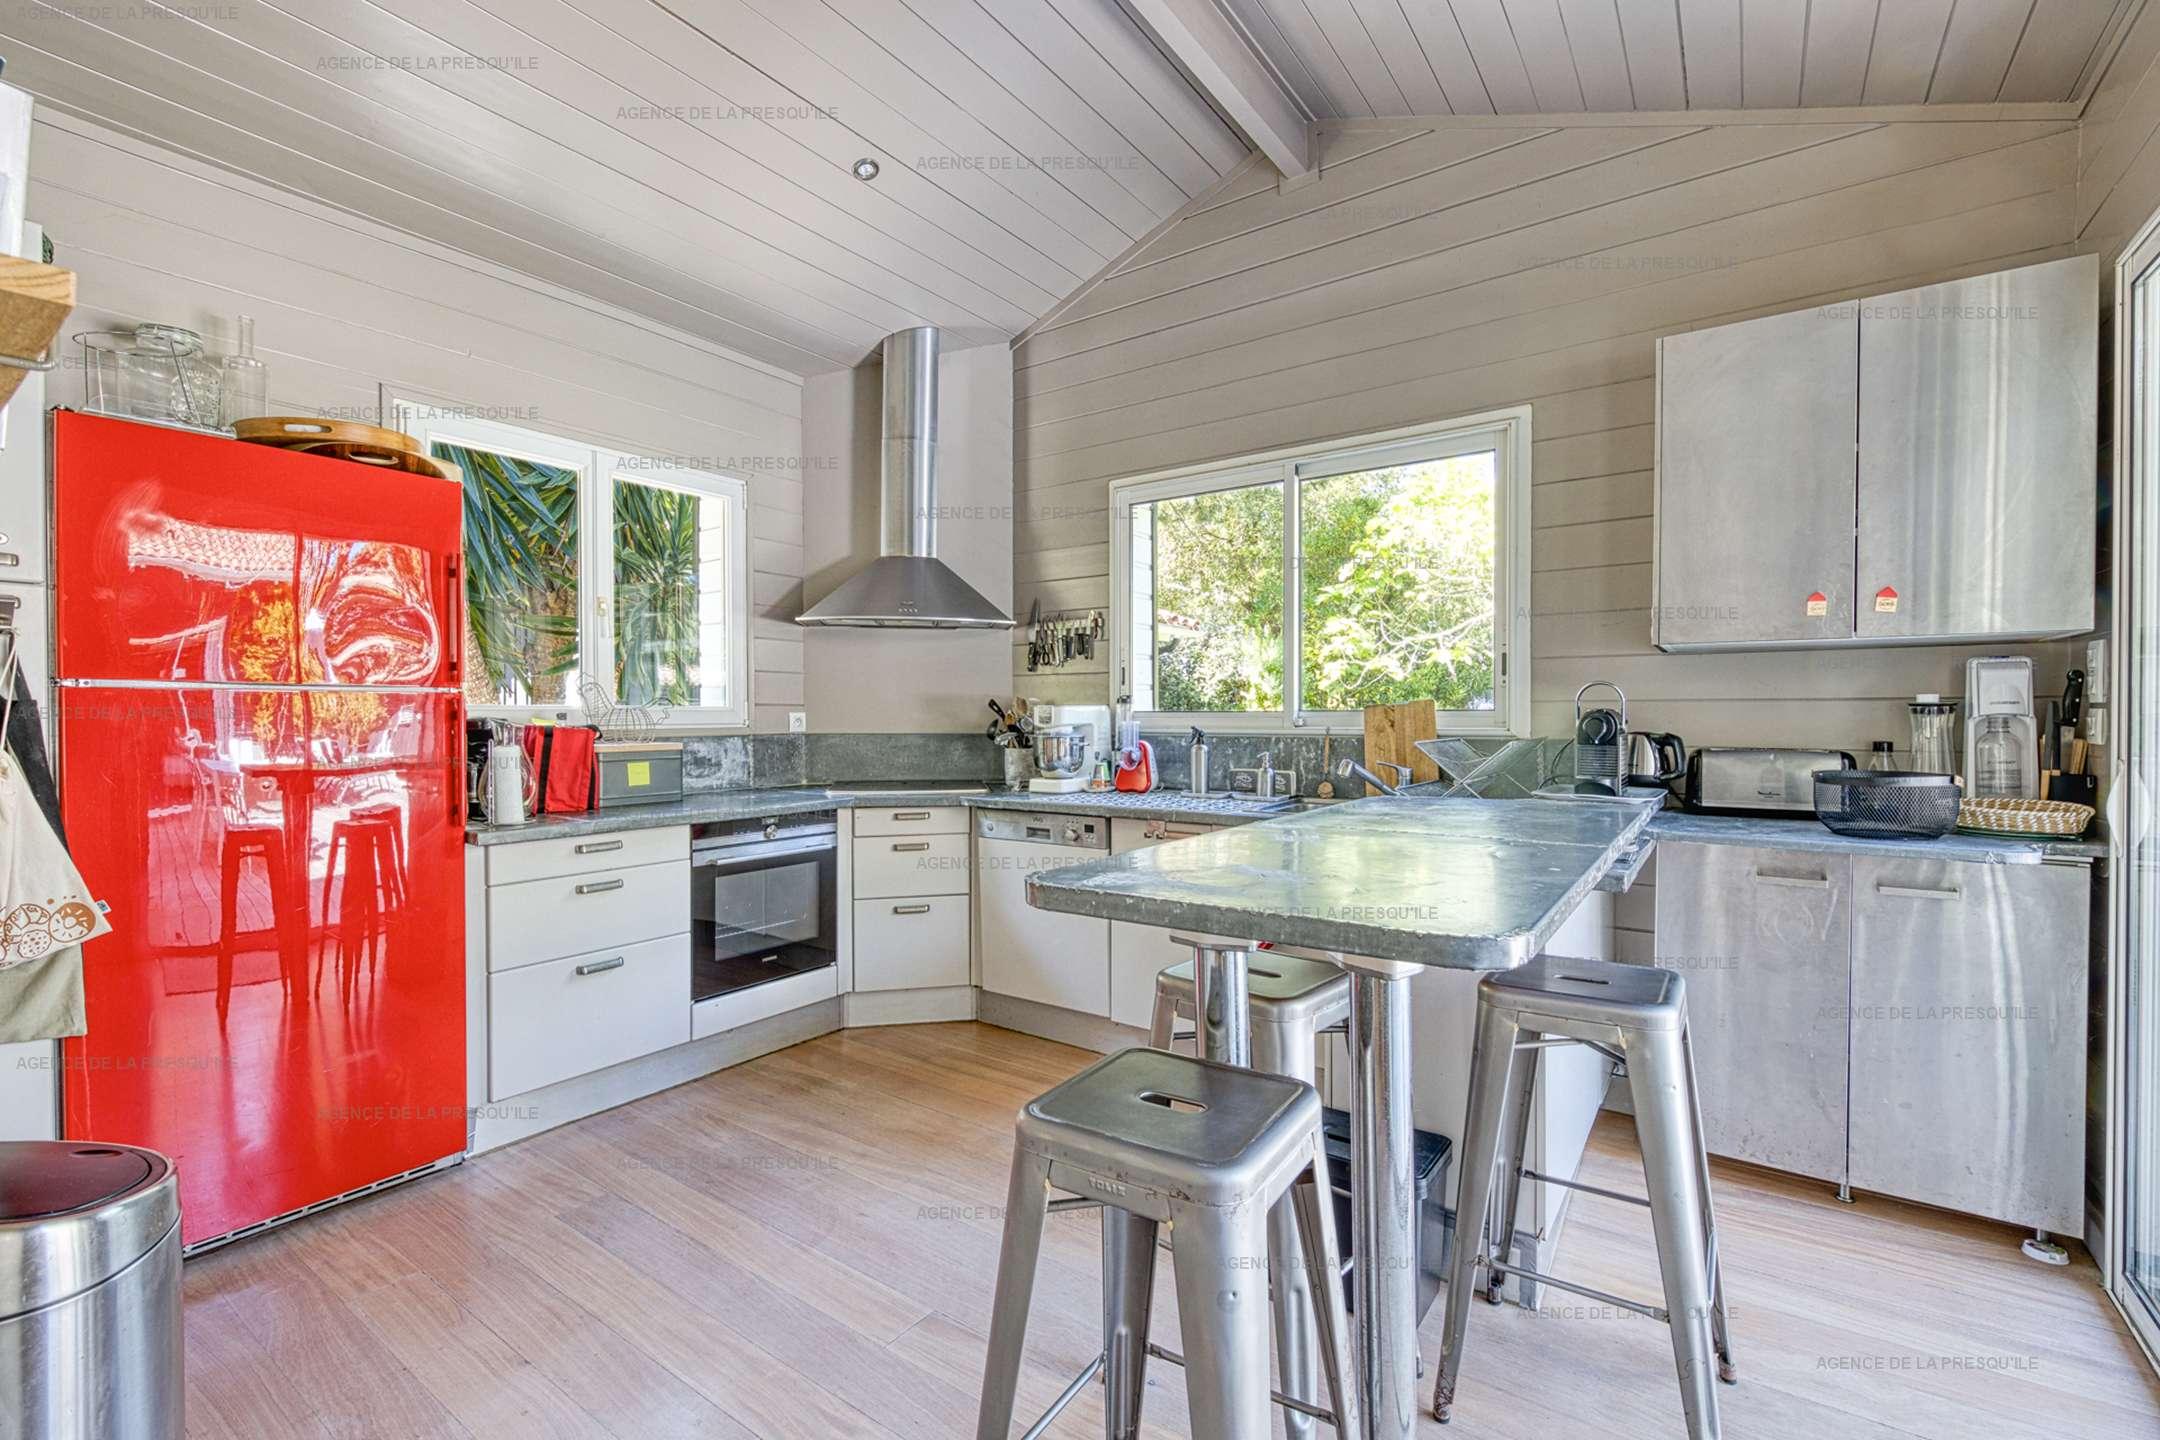 Location: Au calme, très belle villa en bois avec piscine chauffée 7